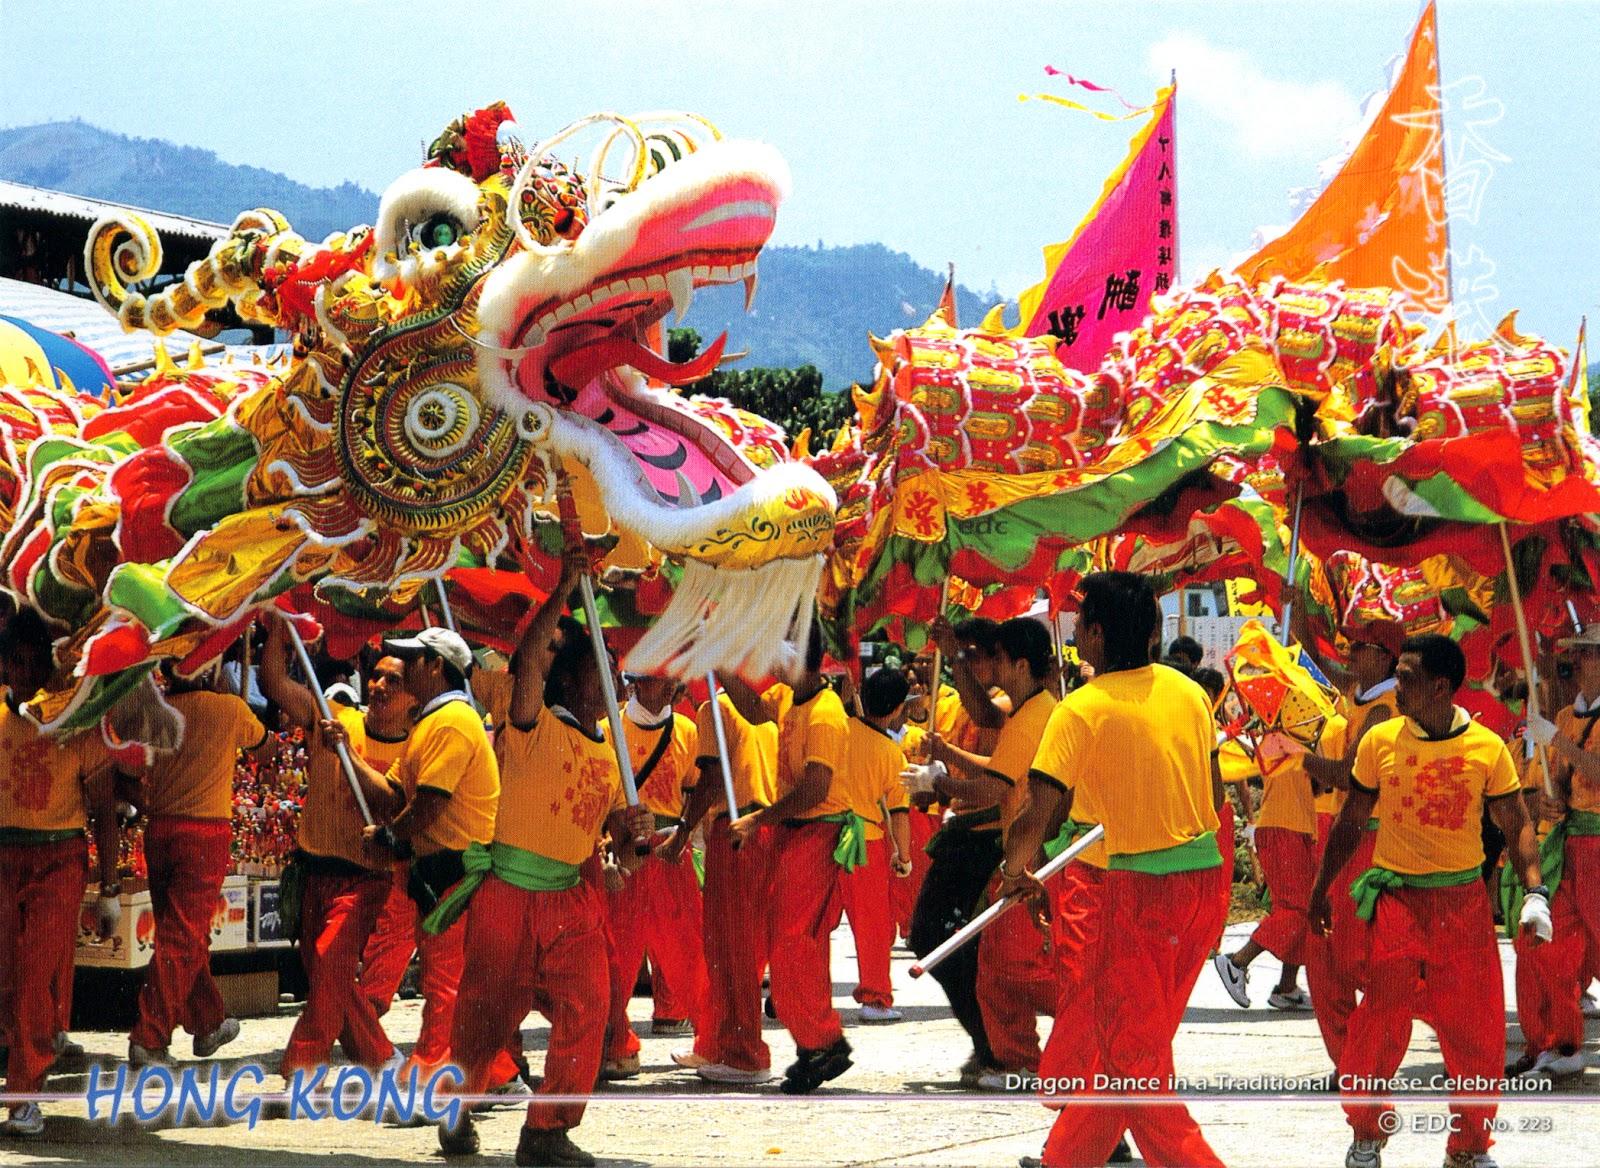 0431 china hong kong the dragon dance - Chinese New Year Dragon Dance